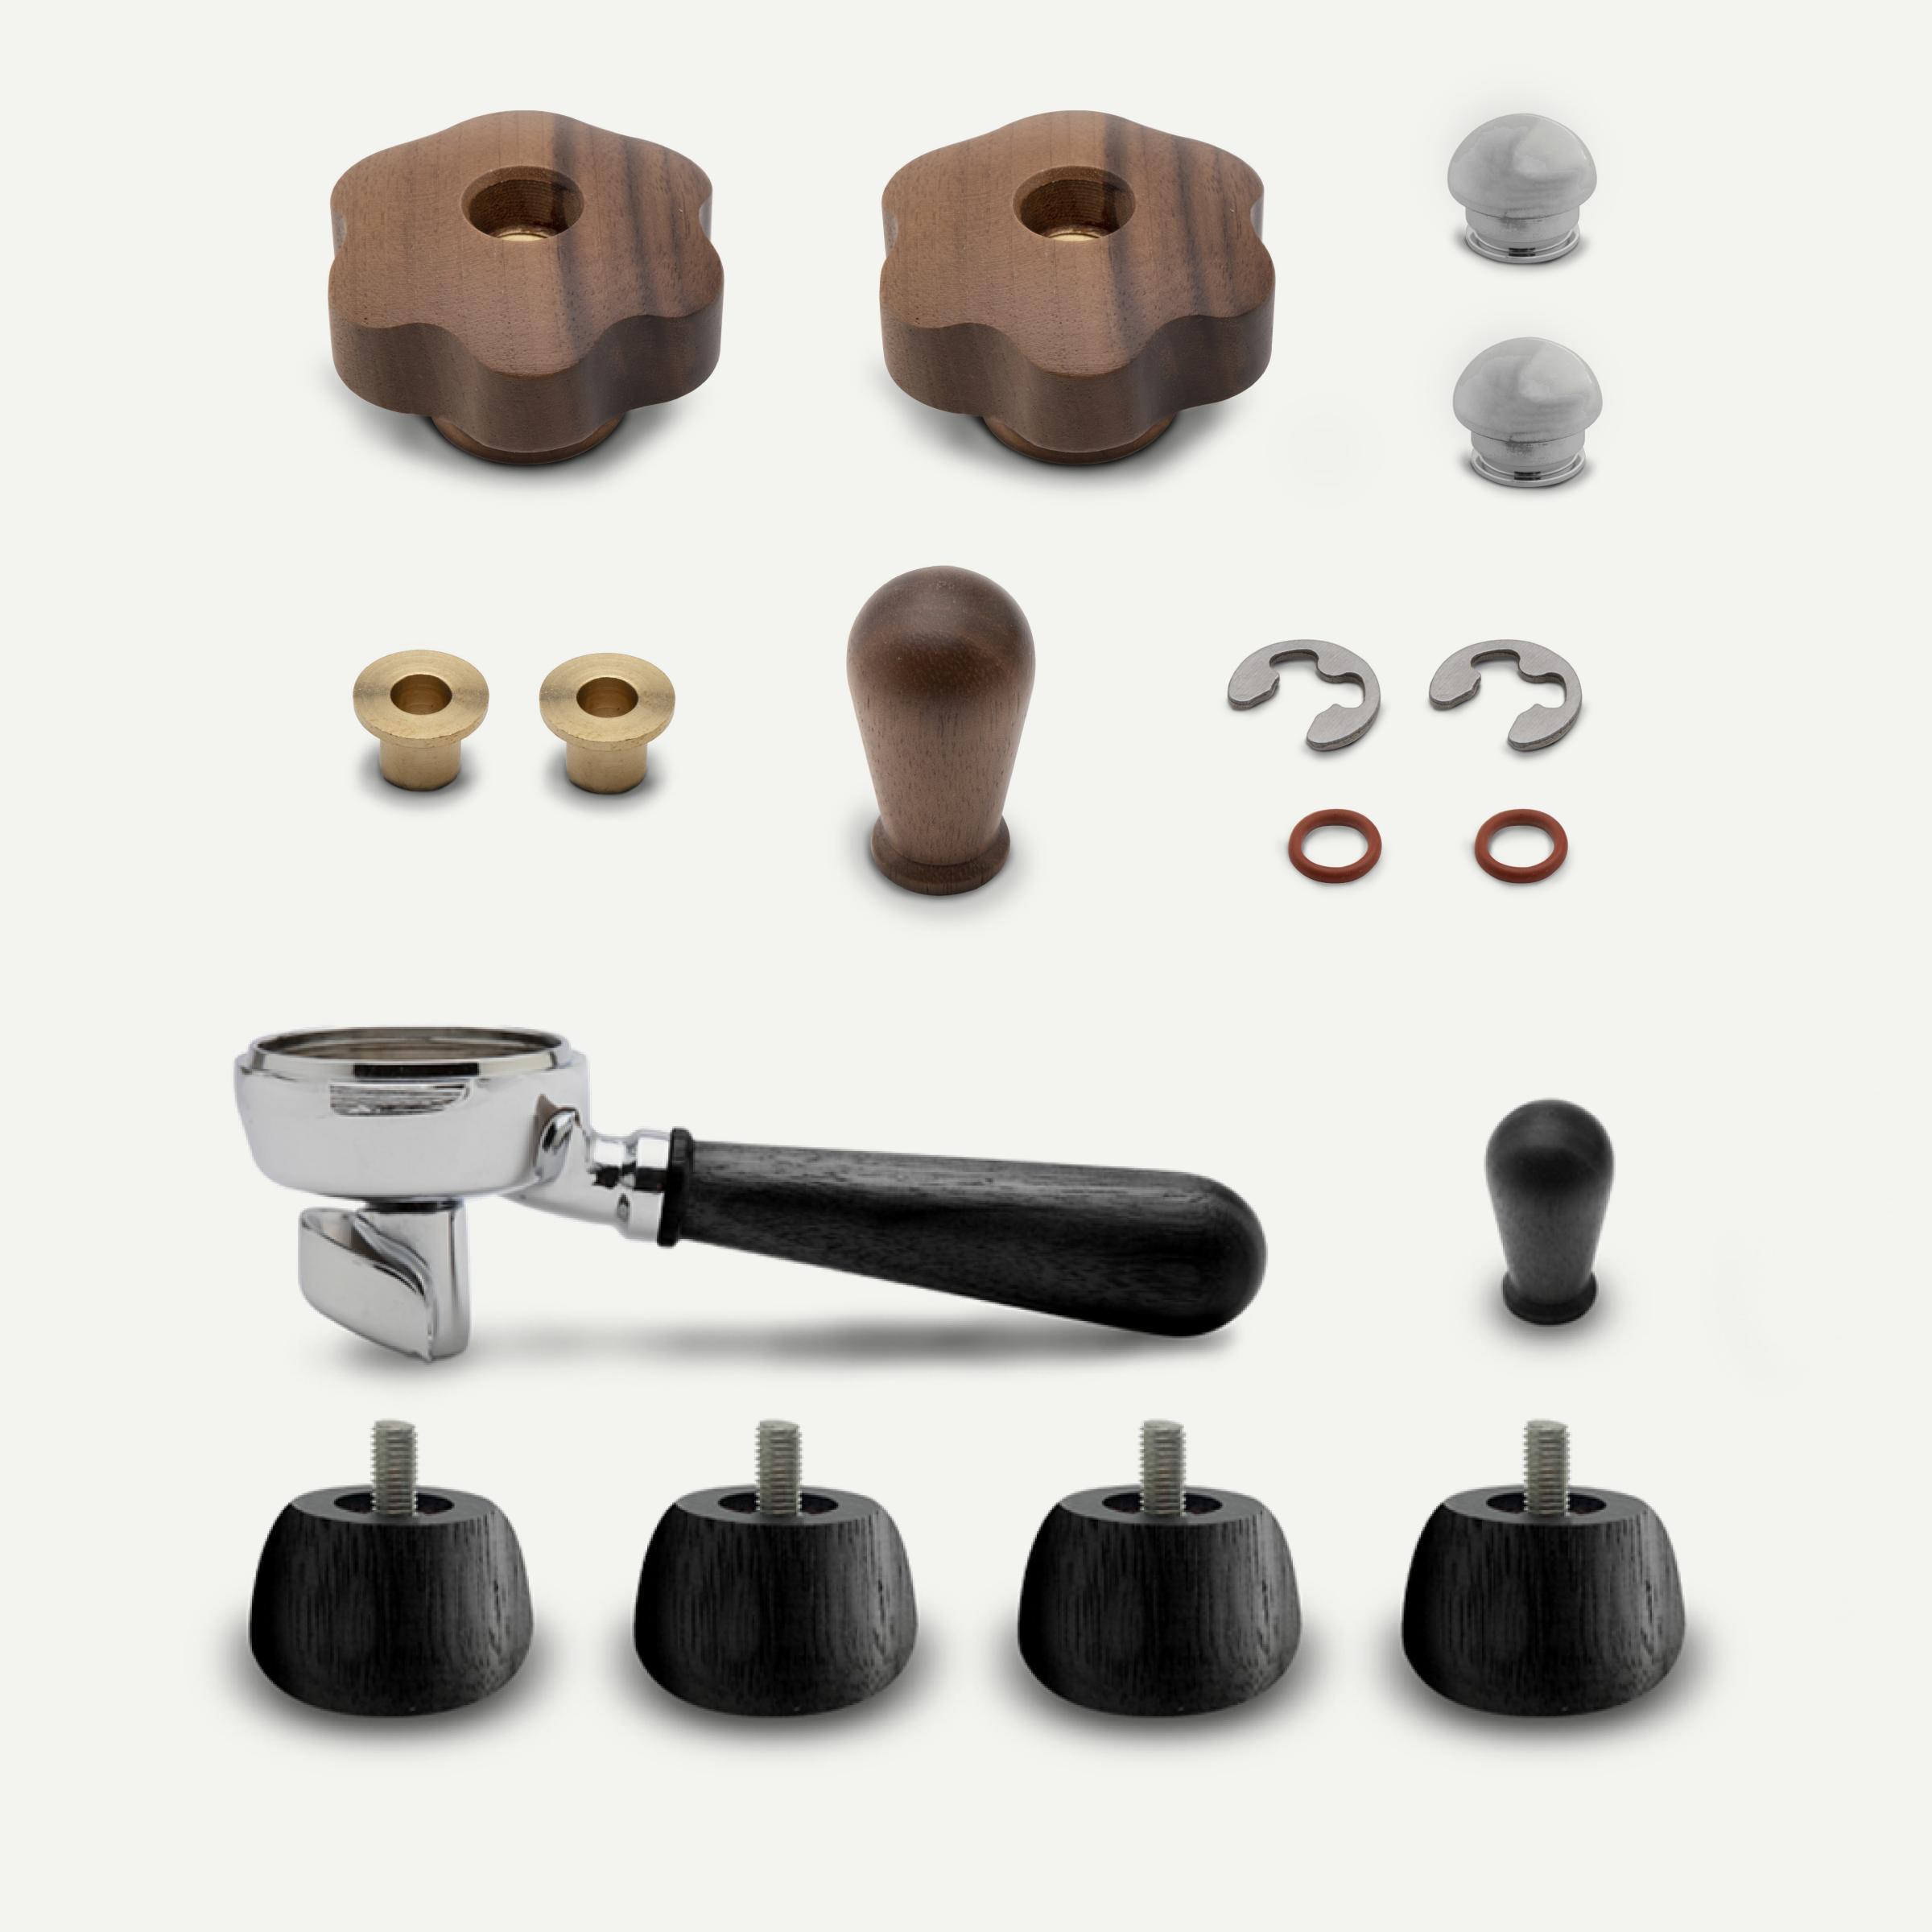 LELIT - Barista tools